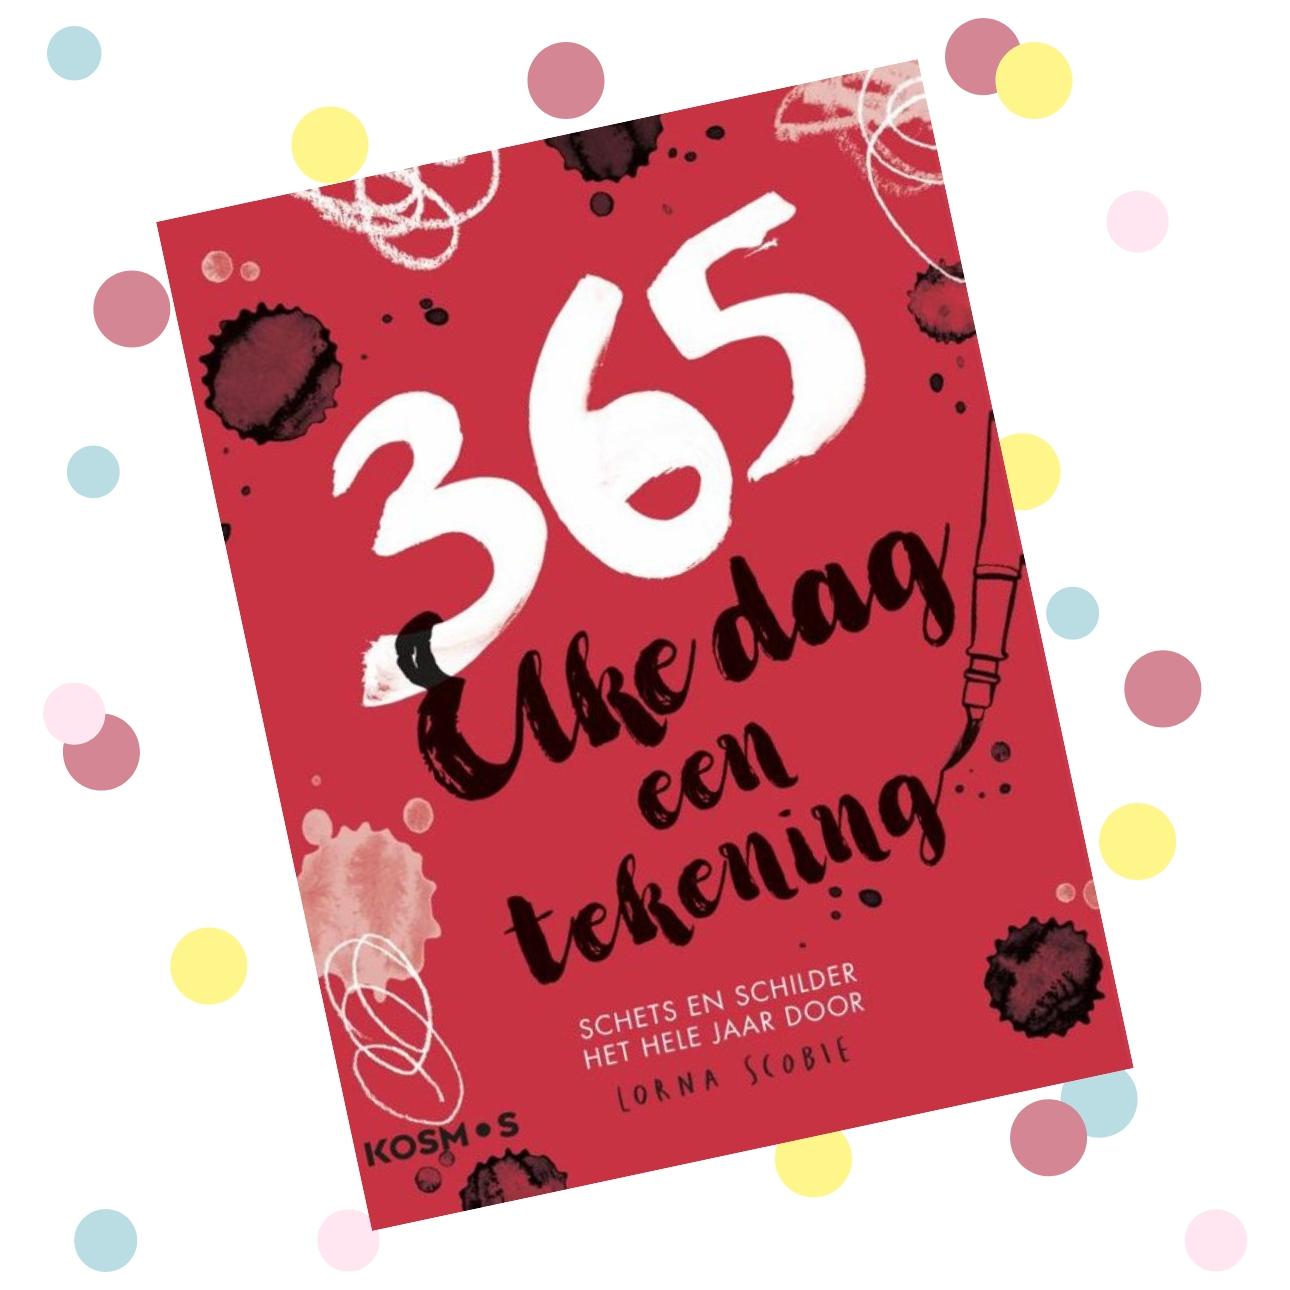 creatieve dagboeken 365 elke dag tekening